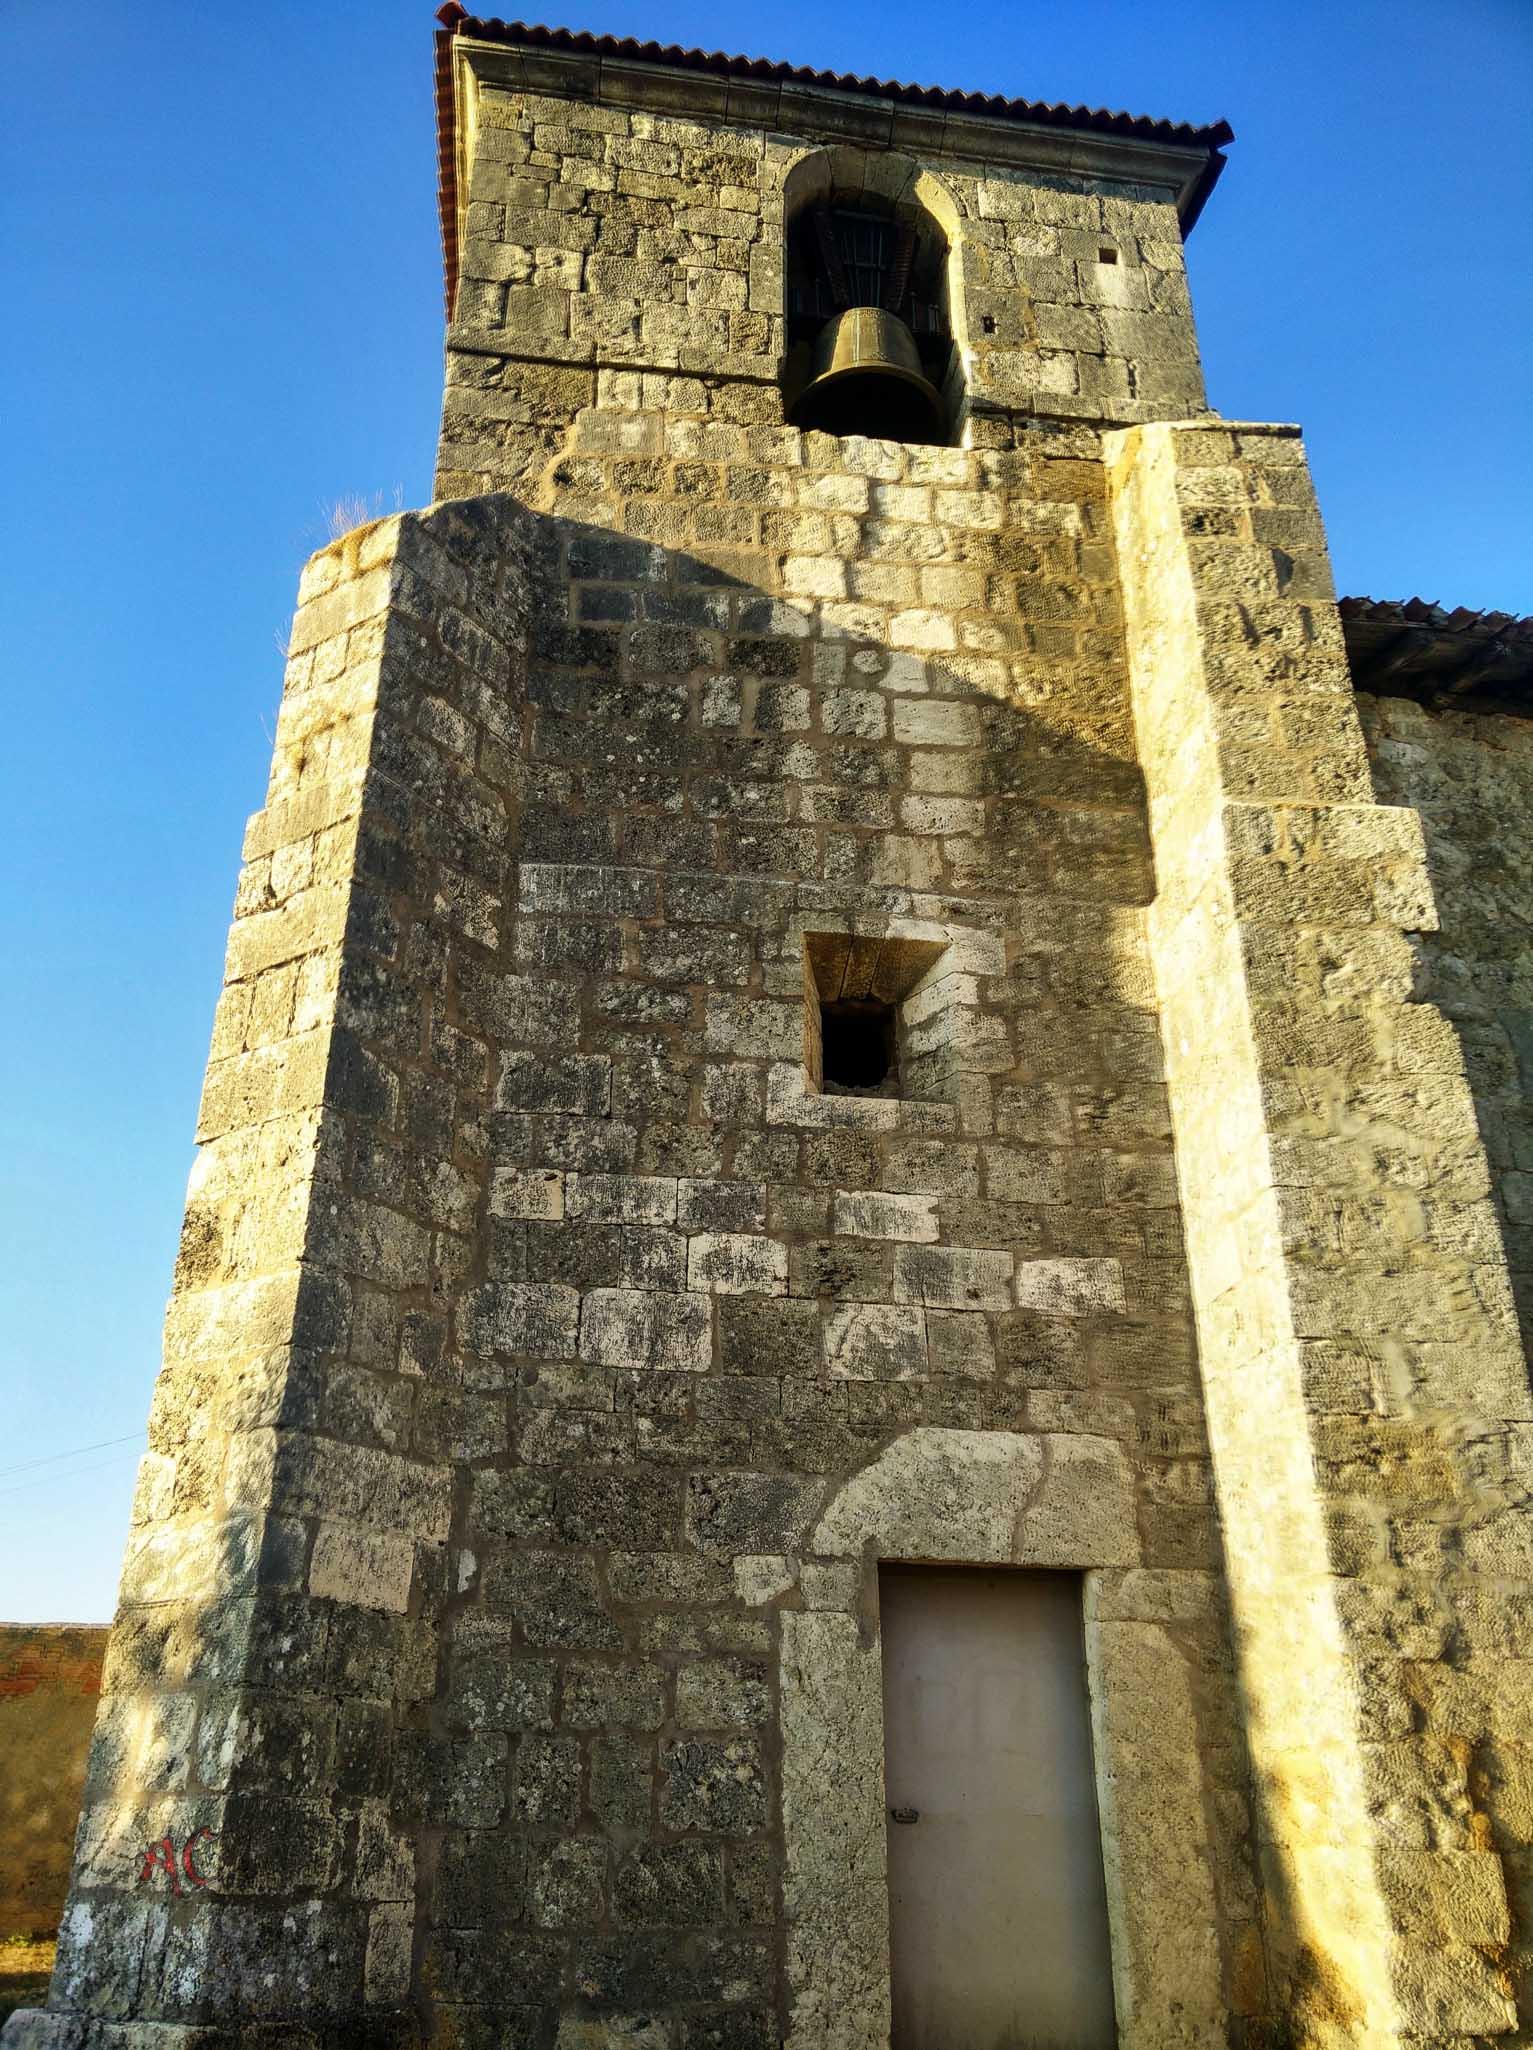 Orbaneja de Riopico